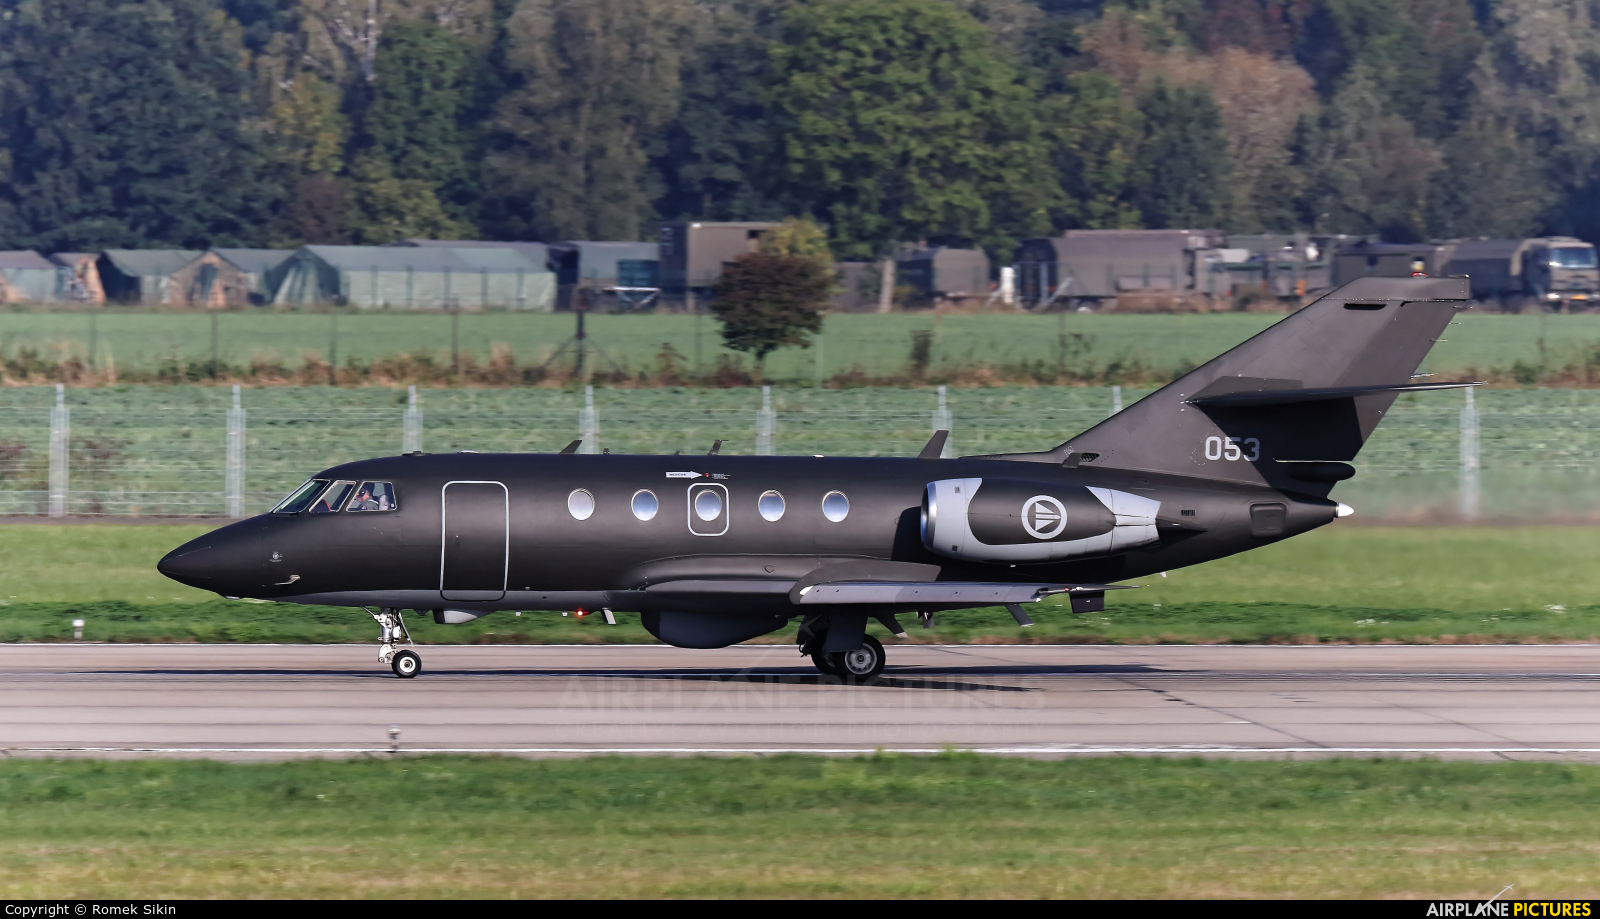 Norway - Royal Norwegian Air Force 053 aircraft at Ostrava Mošnov